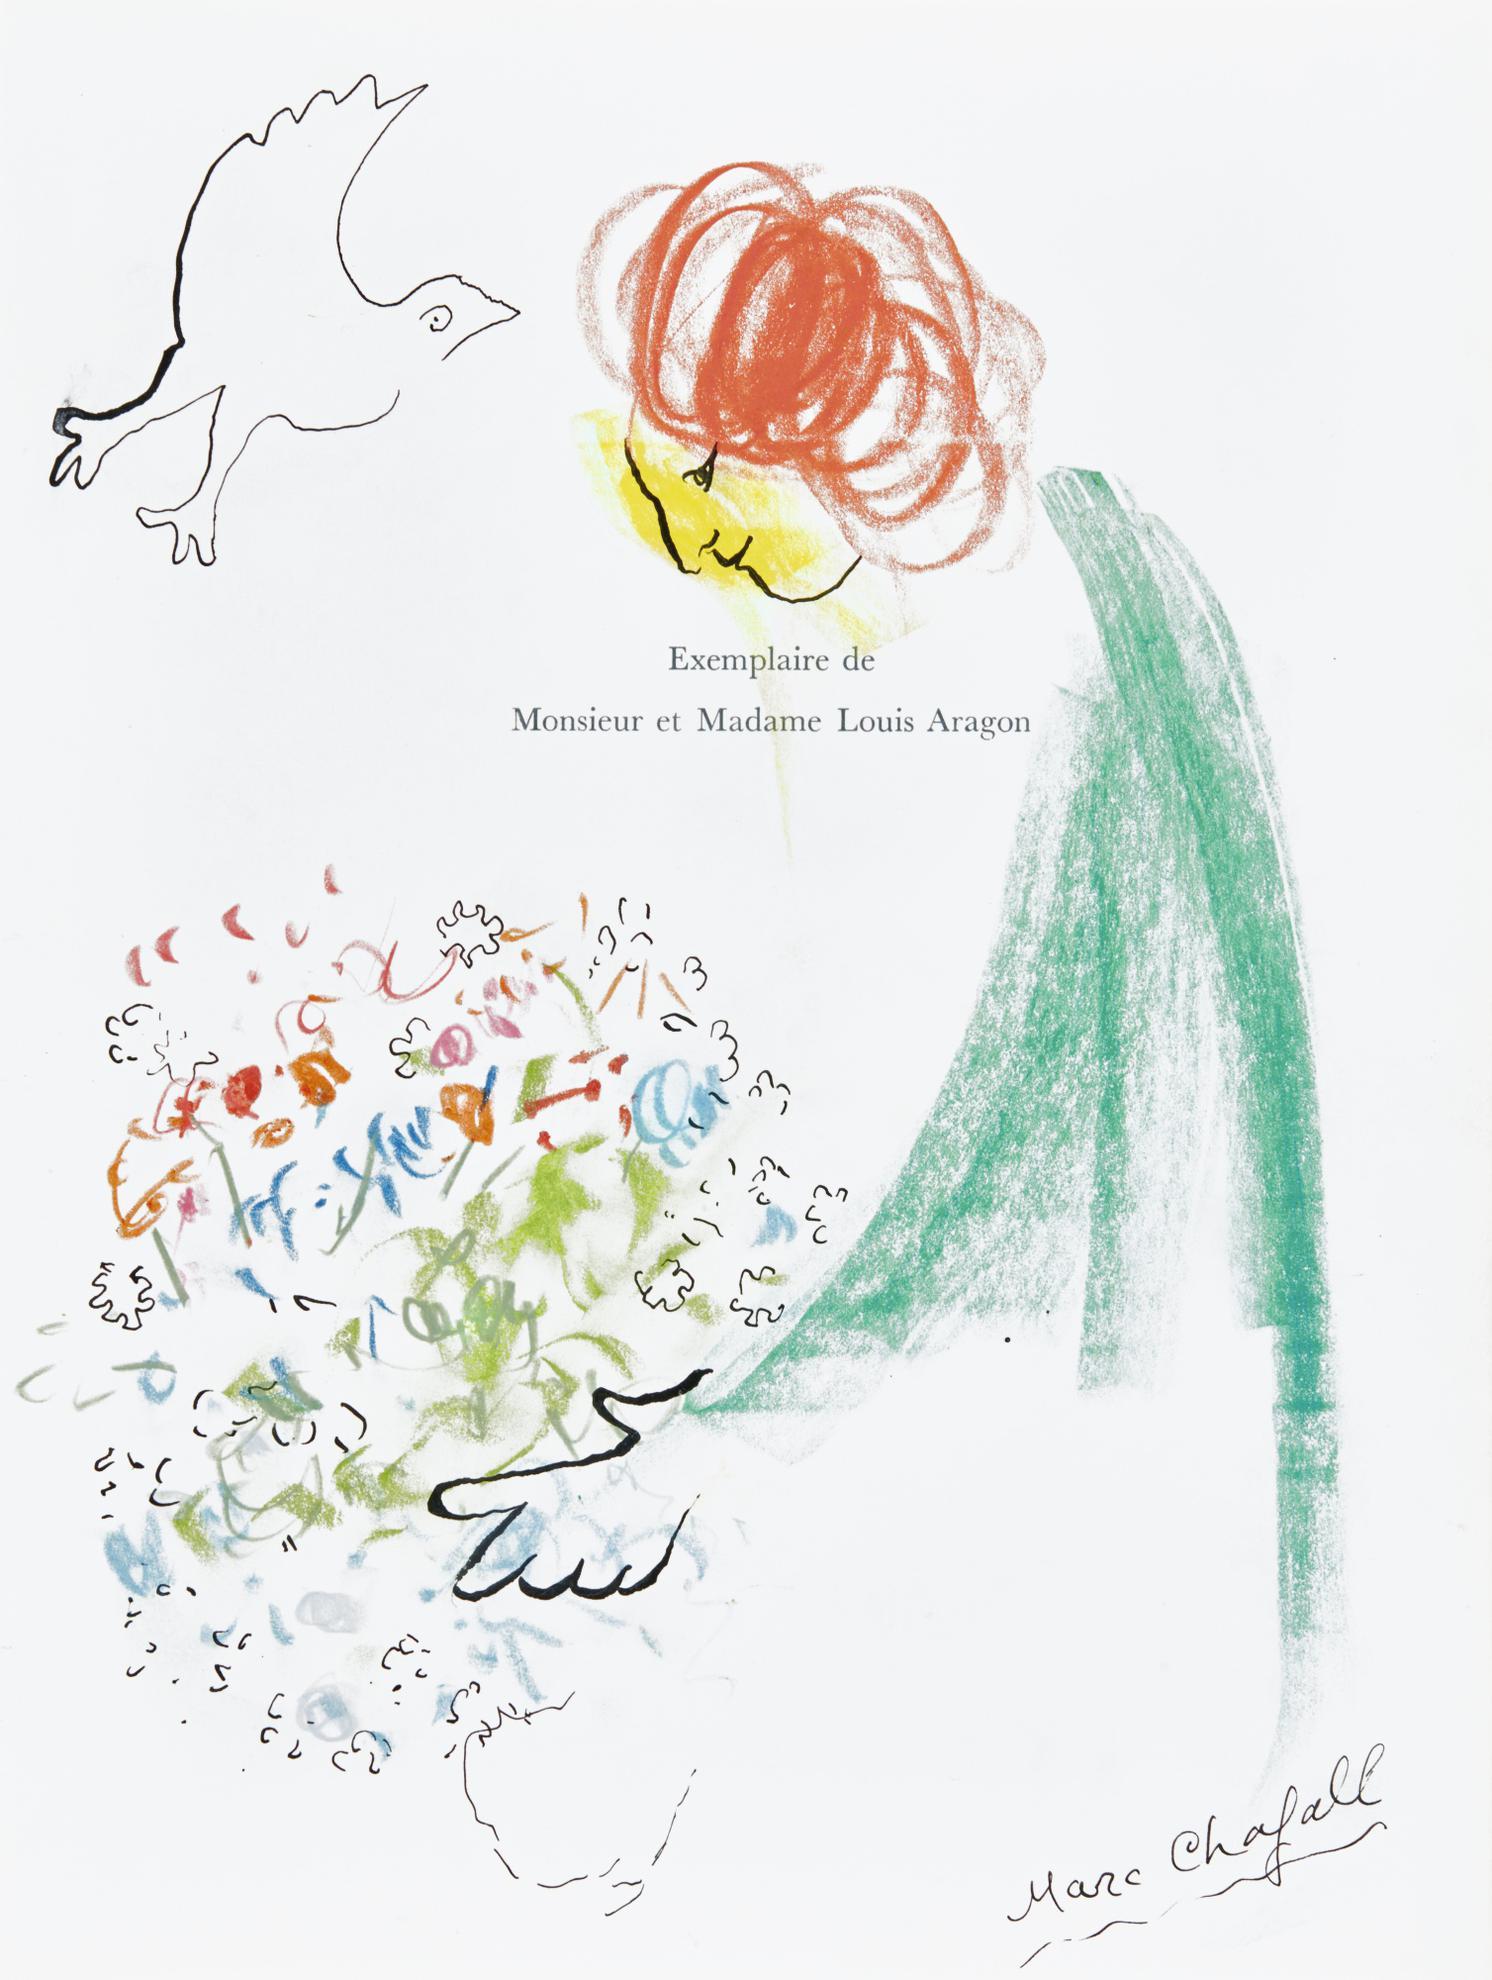 Marc Chagall-Offrande Pour Monsieur Et Madame Aragon-1968